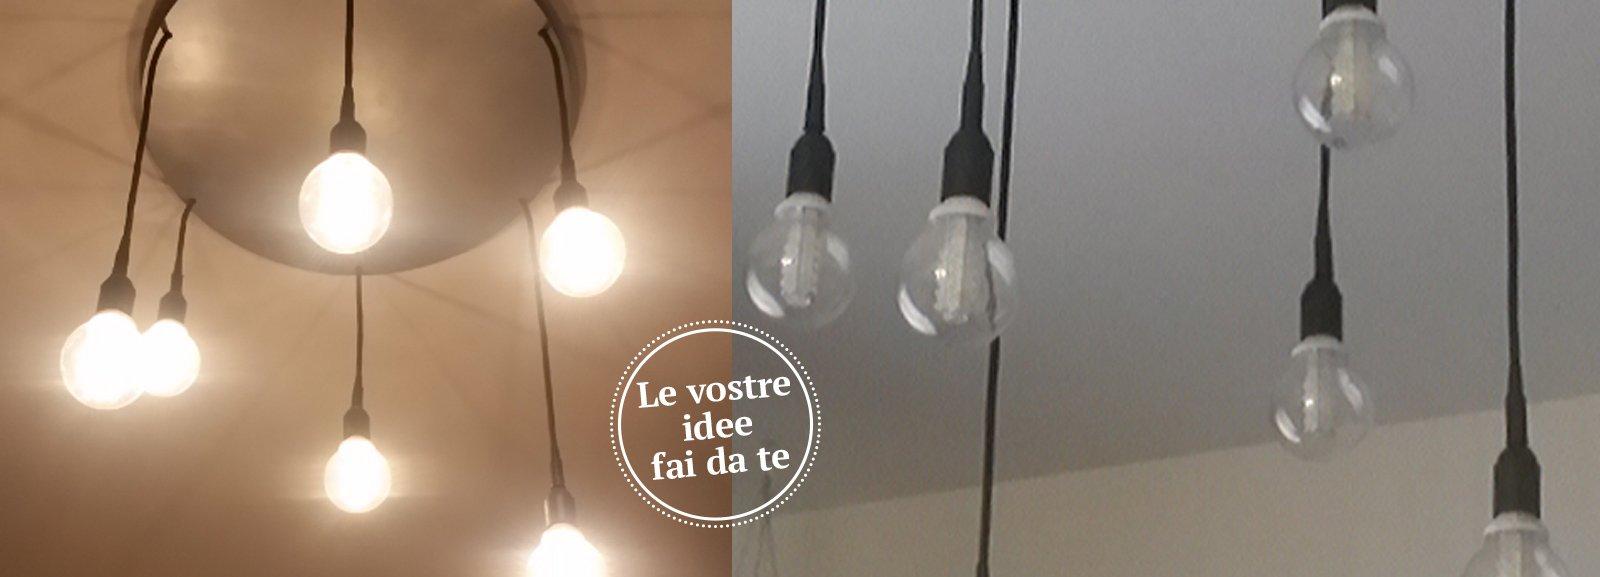 Illuminazione Con Cavi Dacciaio : Lampadario a sospensione low cost ...